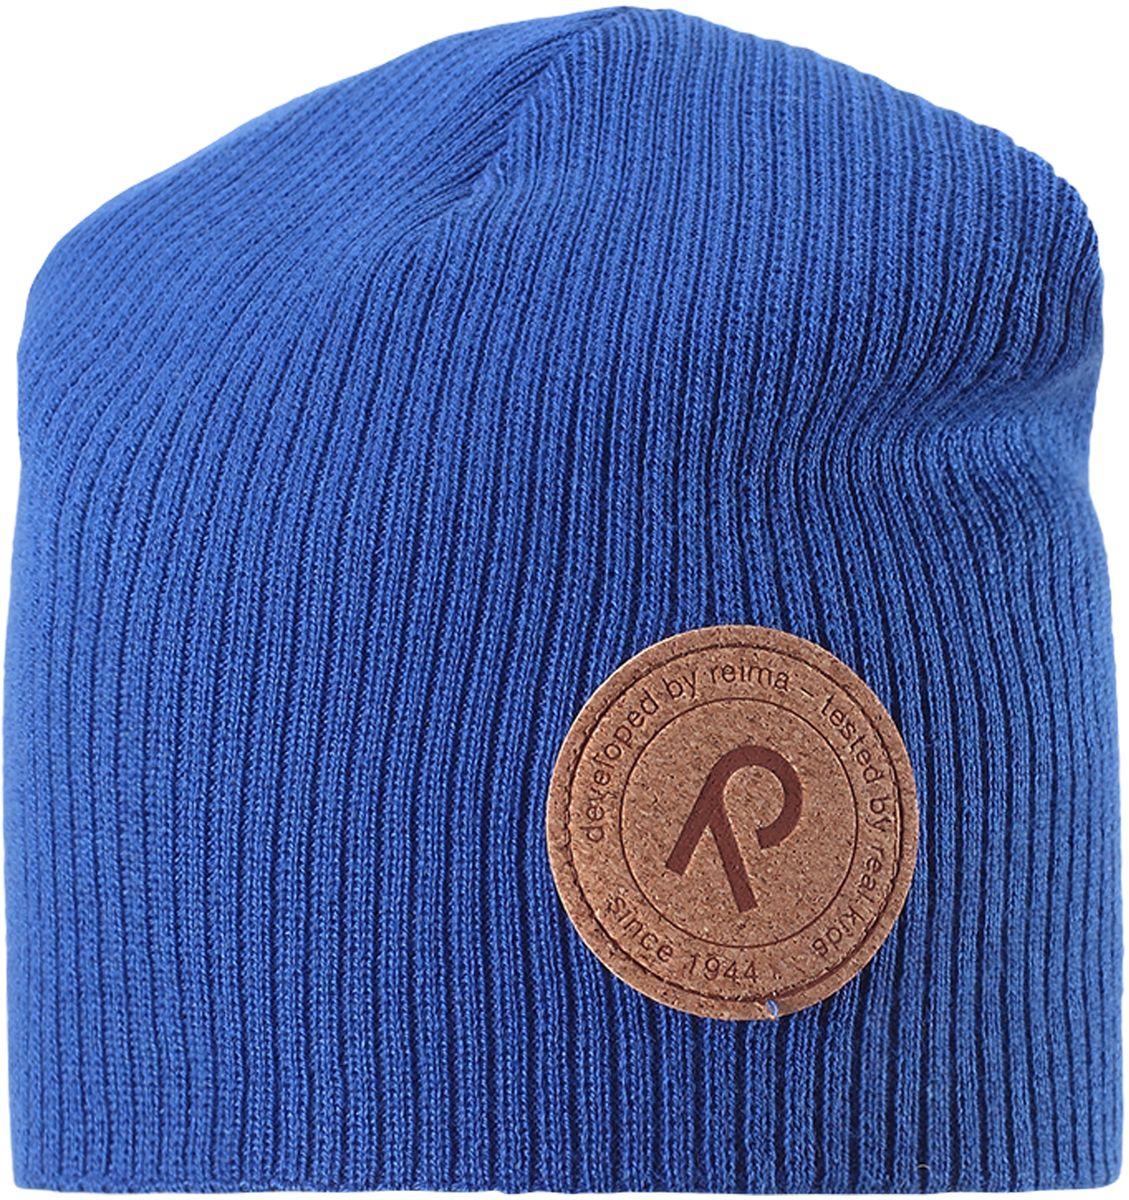 Шапка детская Reima Majakka, цвет: синий. 5285266530. Размер 545285266530Детская шапка прекрасно подойдет для весенней поры. Она изготовлена из эластичного и легкого вязаного хлопка, мягкого и приятного на ощупь. Материал сертифицирован по стандарту Oeko-Tex. Удлиненная модель с подкладкой. Шапка смотрится ярко и стильно то, что надо для прогулки!